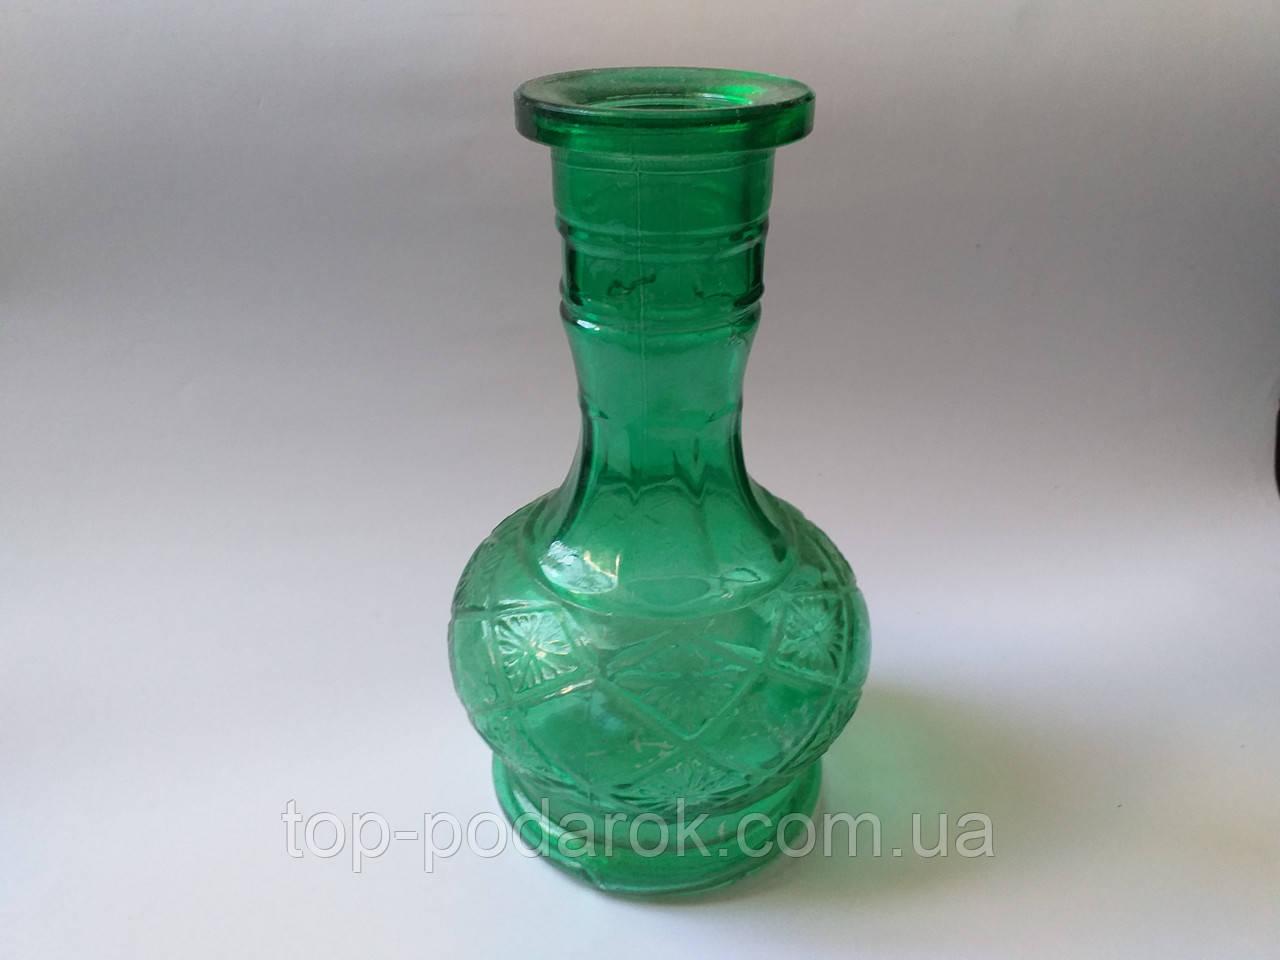 Колба для кальяна стеклянная размер 26*16*4.5